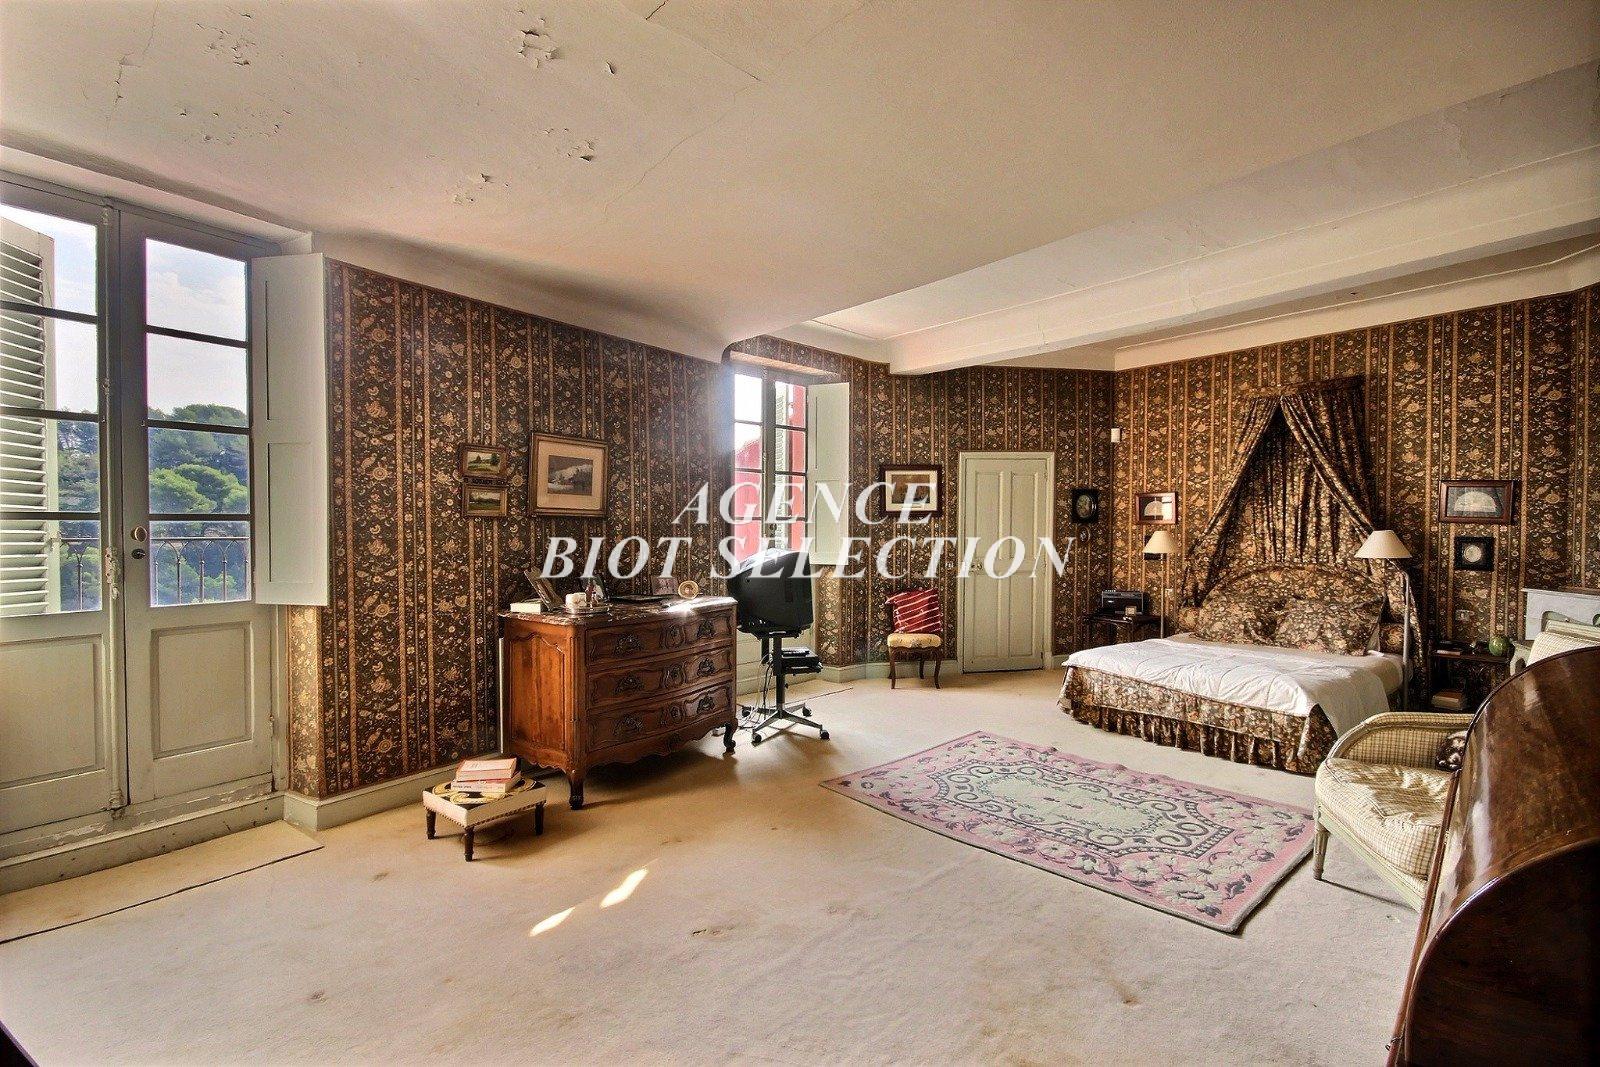 Vente biot centre historique maison bourgeoise 340 m2 vue for Acheter maison biot